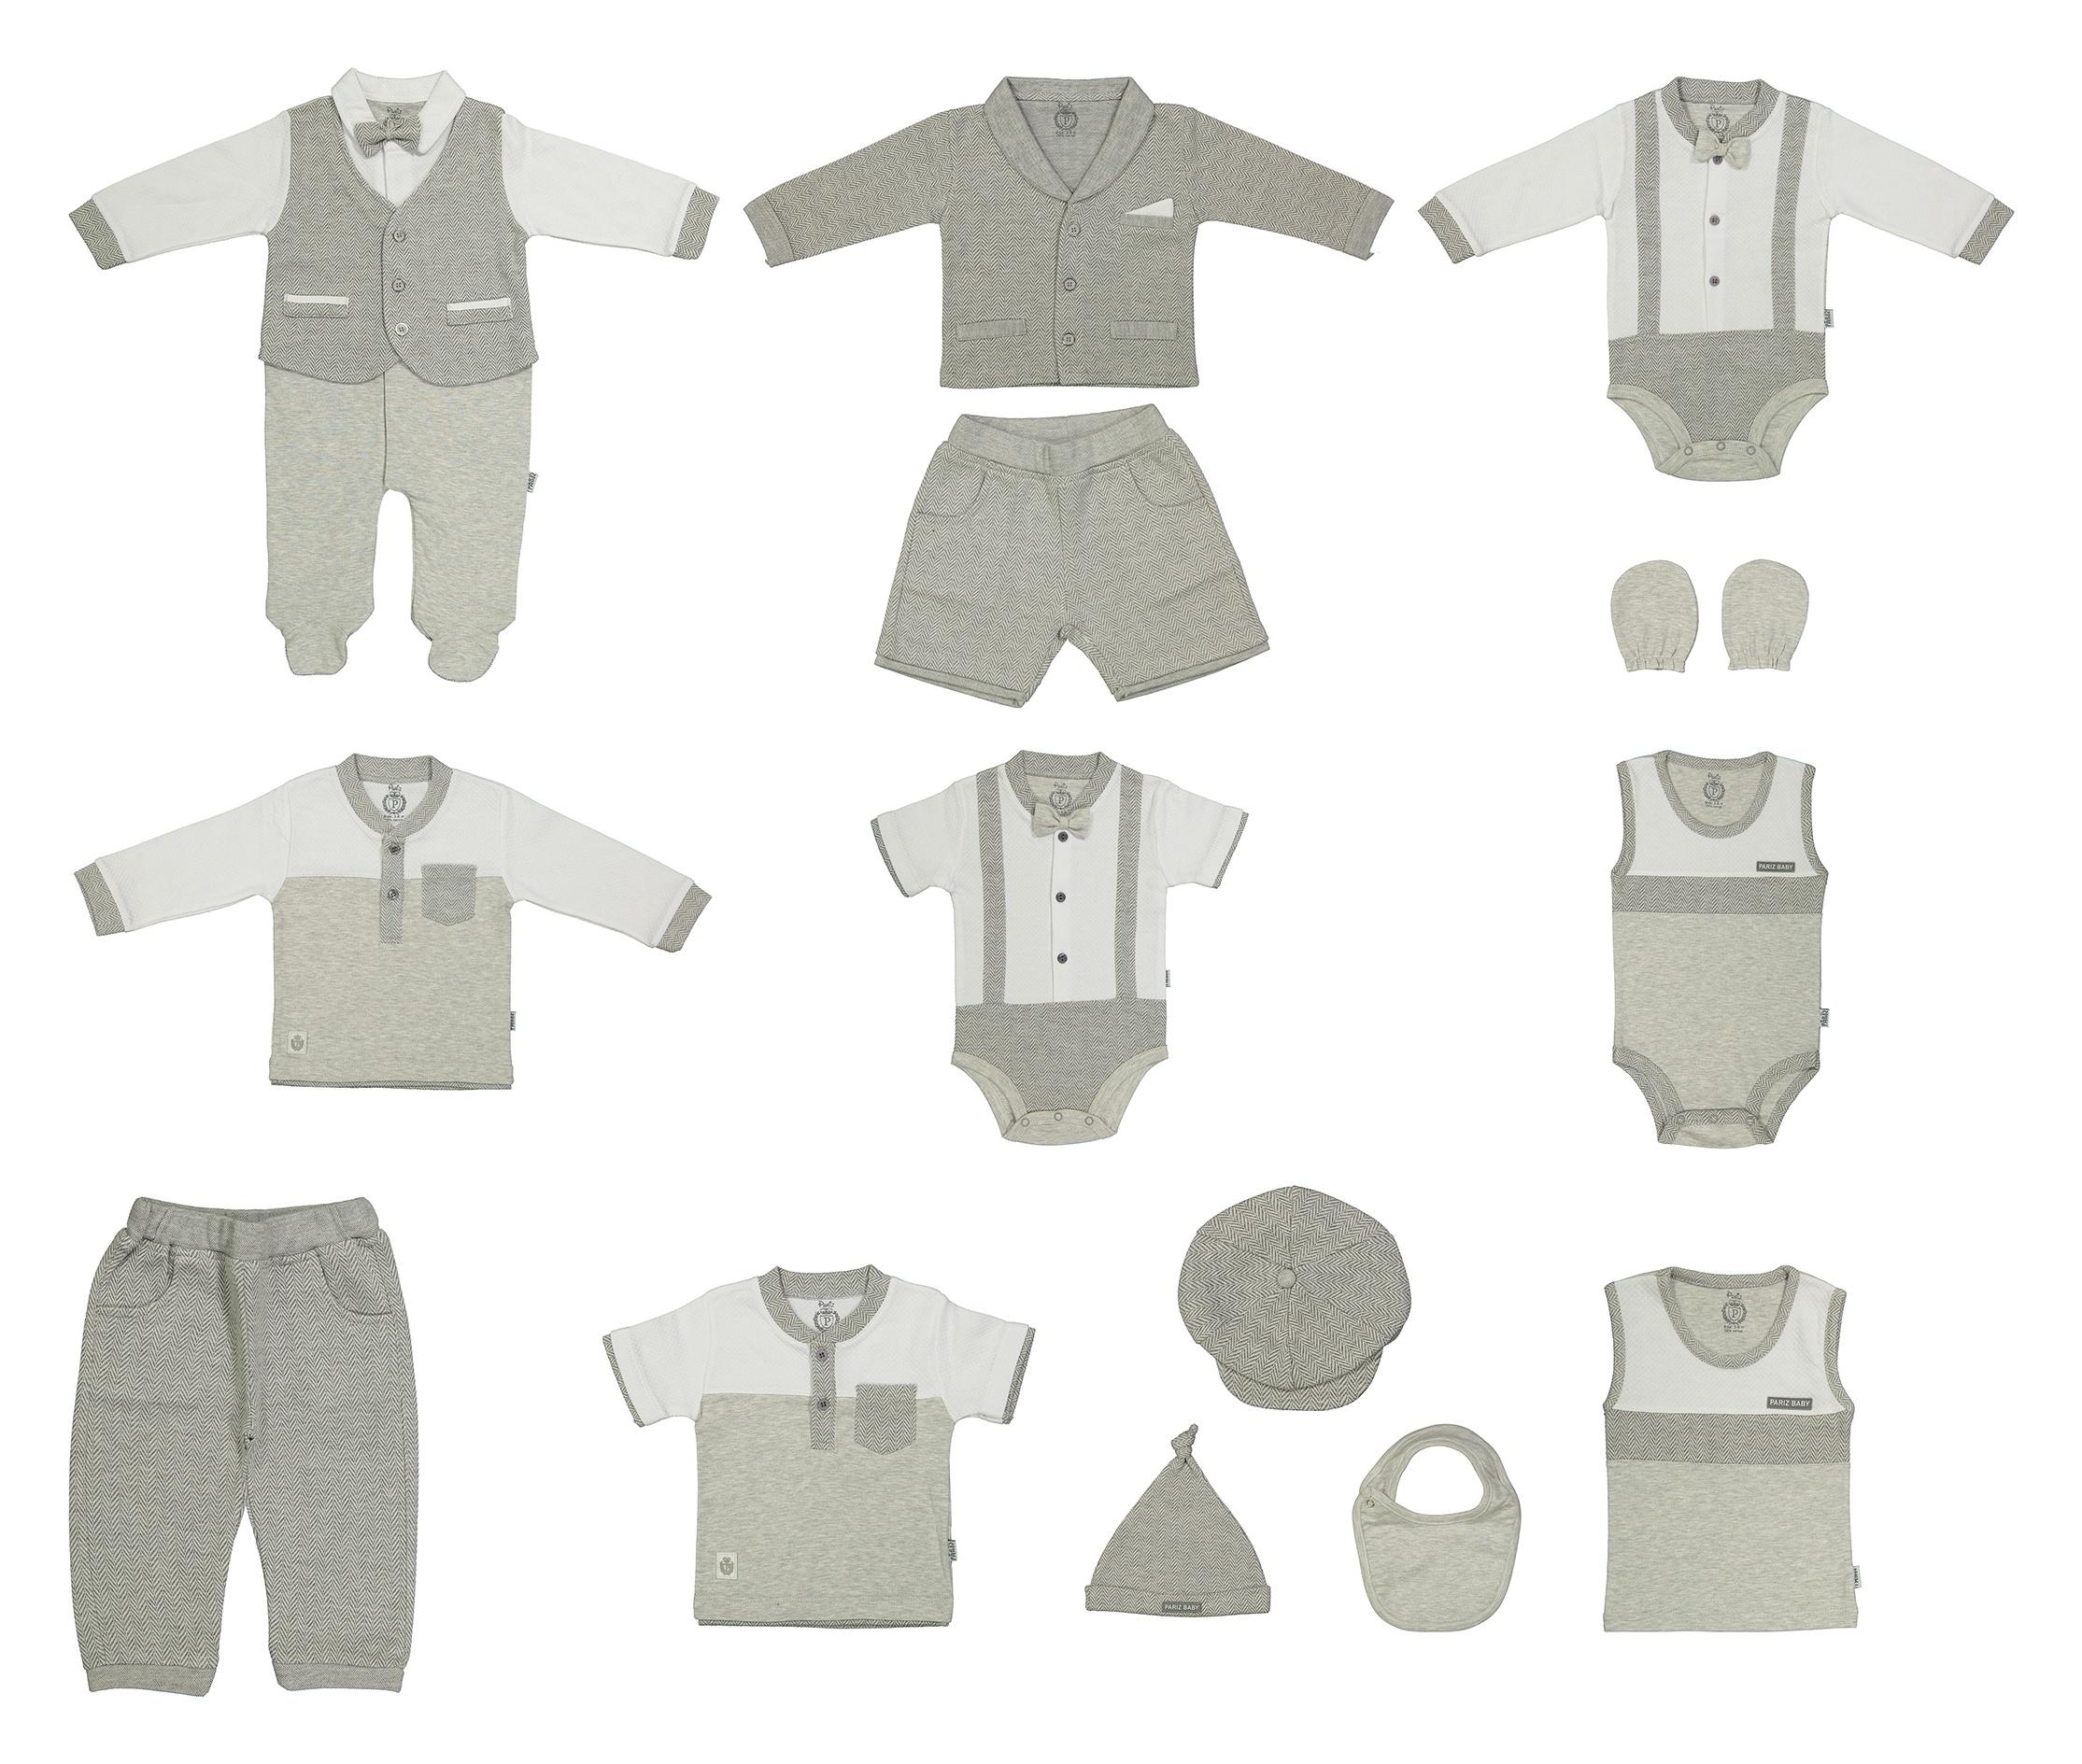 ست 14 تکه لباس نوزادی پاریز طرح ژاکارد